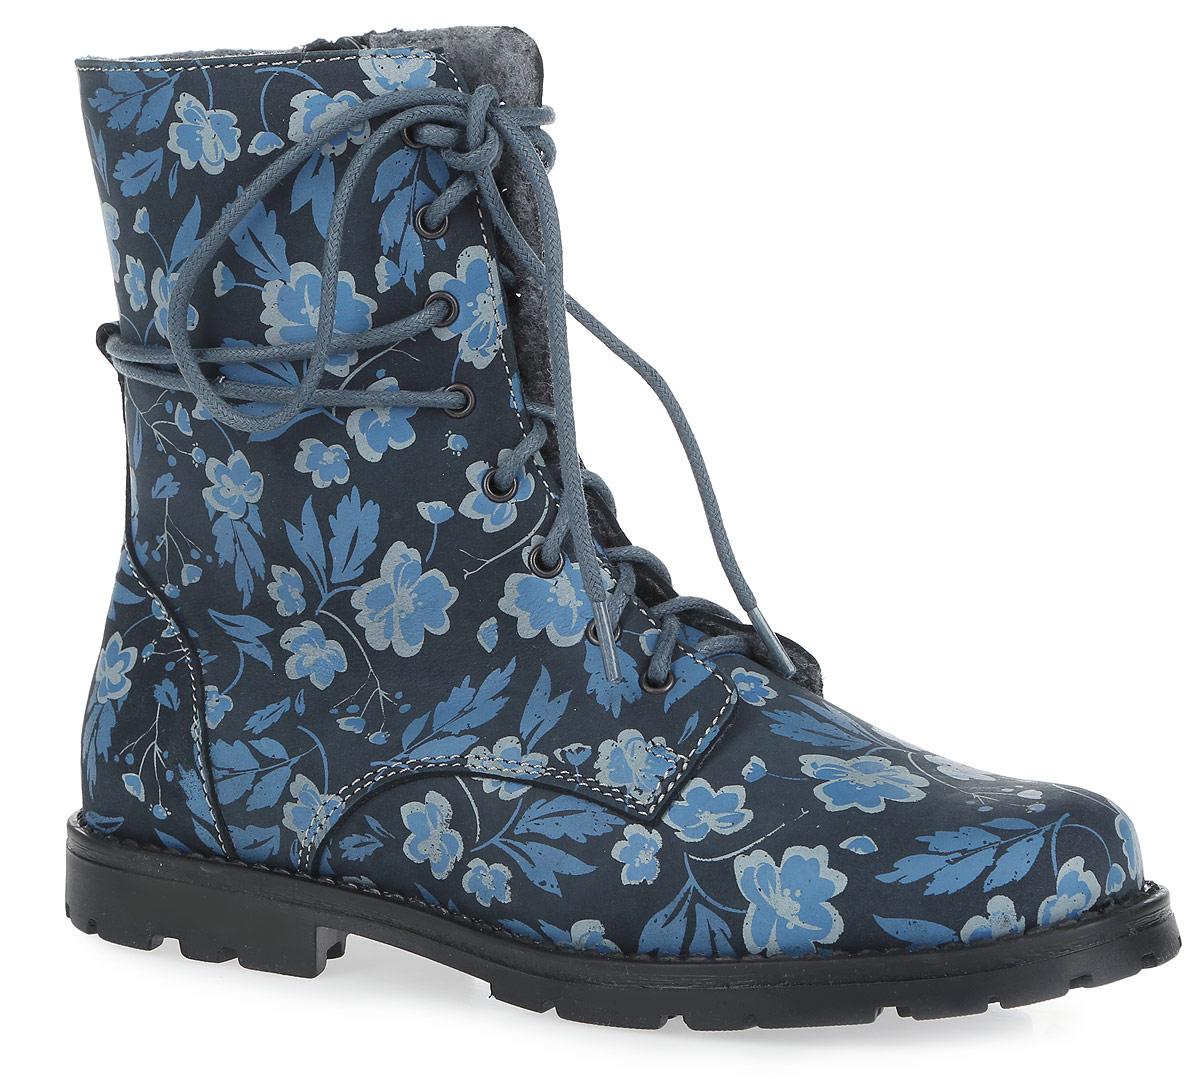 Ботинки для девочки. 652069-3652069-32Ультрамодные ботинки от Котофей придутся по душе вашей маленькой моднице. Модель выполнена из натурального нубука и оформлена по верху цветочным принтом. Боковая застежка-молния позволяет легко обувать и снимать ботинки, а функциональная шнуровка, пропущенная через ярлычок в задней части, обеспечивает идеальную фиксацию обуви на стопе. Подкладка, изготовленная из полушерстяной байки, и съемная войлочная стелька со специальной петлей не дадут ногам замерзнуть и гарантируют уют. Невысокий широкий каблук и подошва с рельефным протектором обеспечивают идеальное сцепление с любой поверхностью. Такие ботинки займут достойное место среди коллекции обуви вашего ребенка.